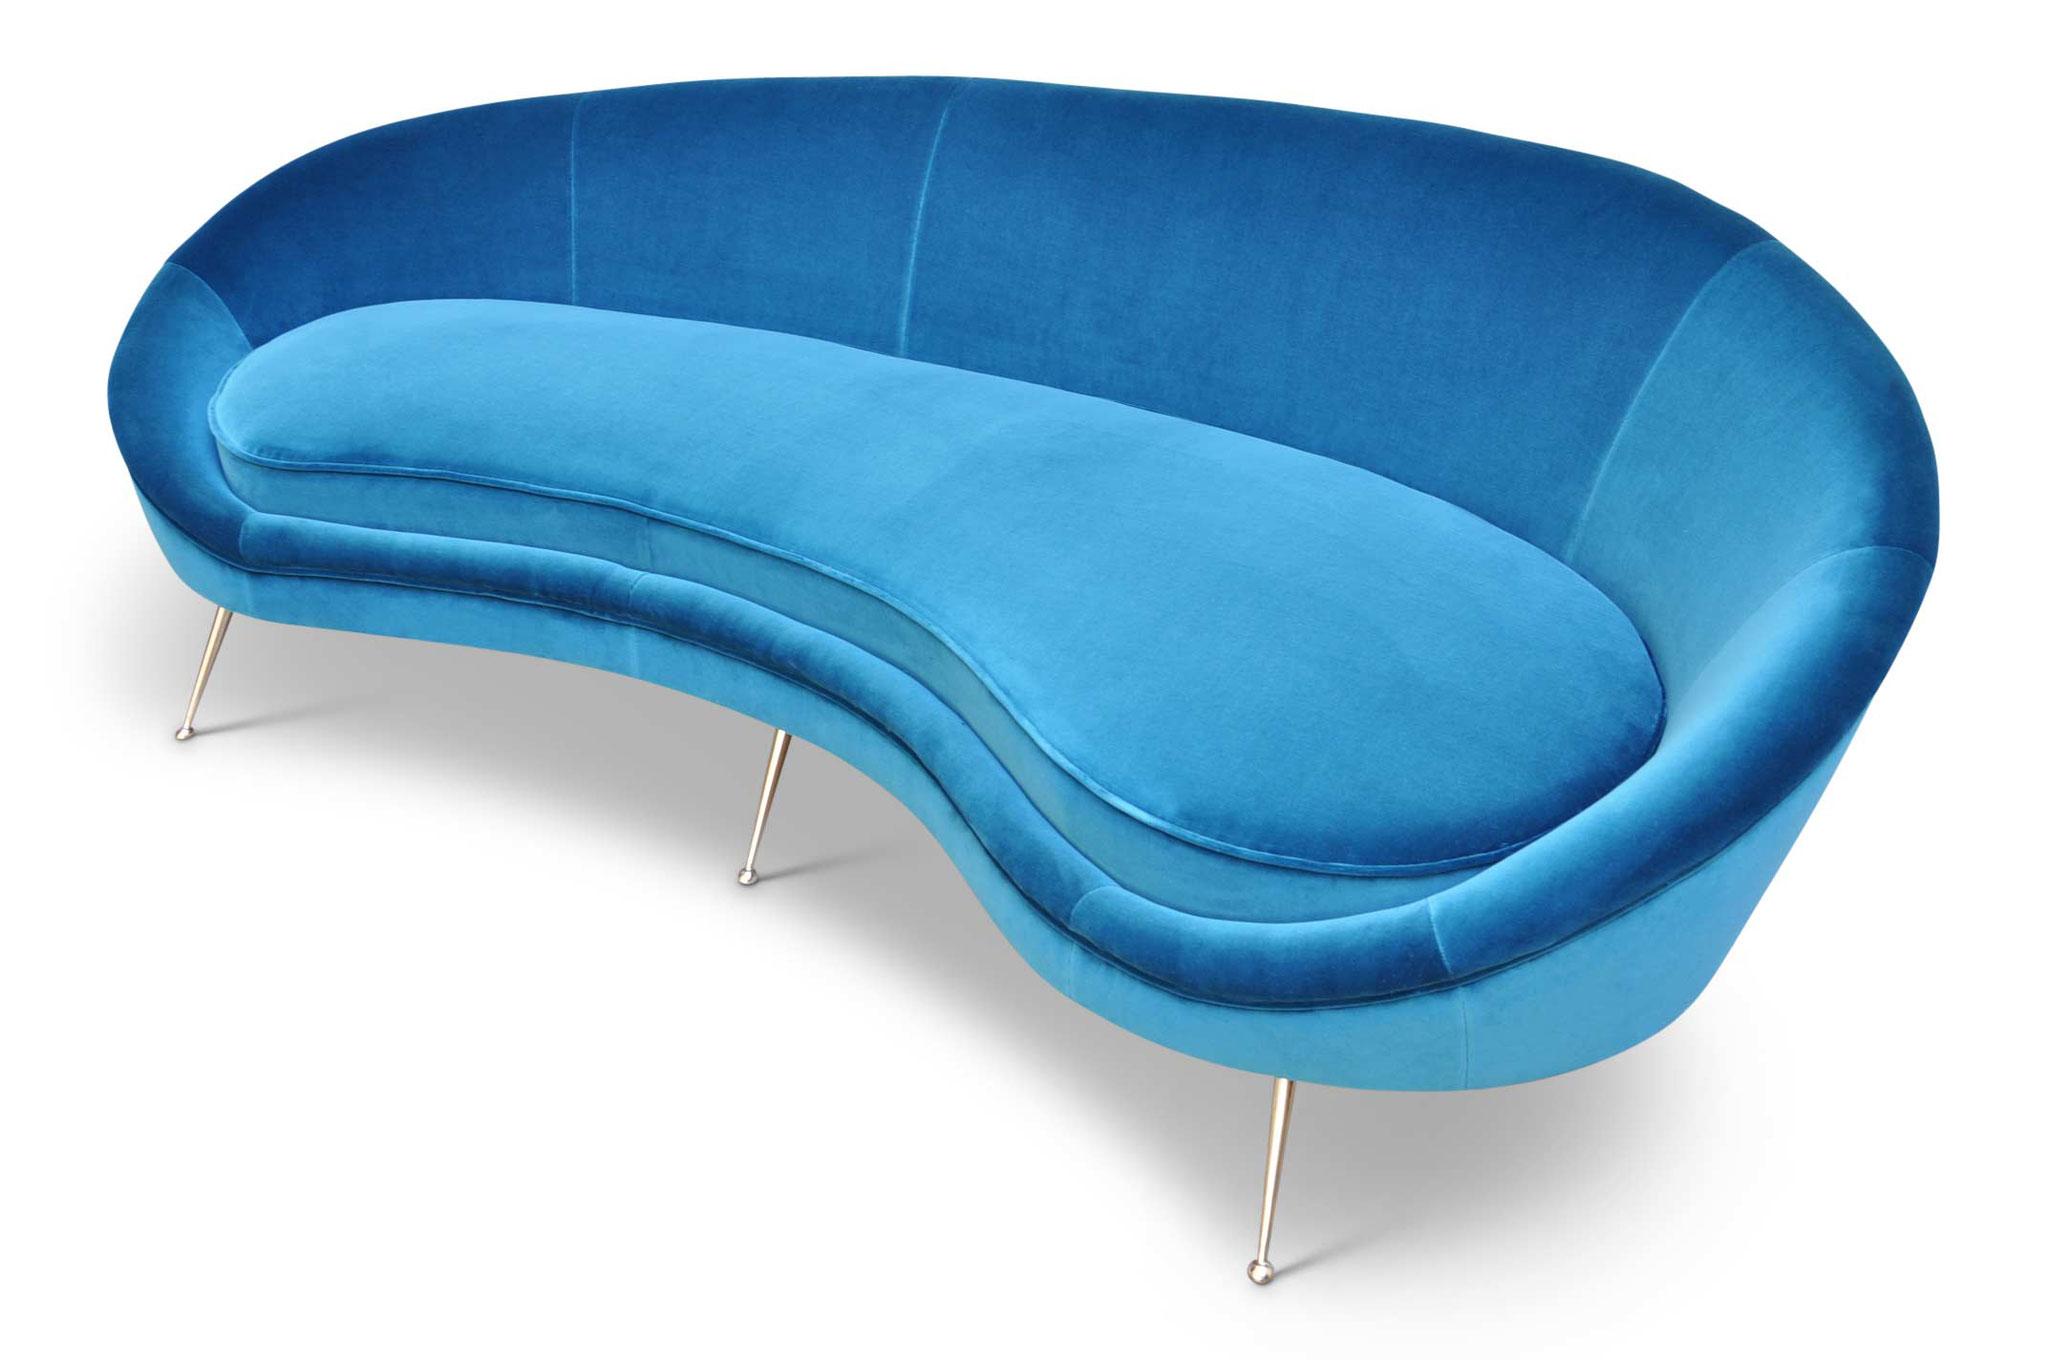 Ico Parisi comma sofa